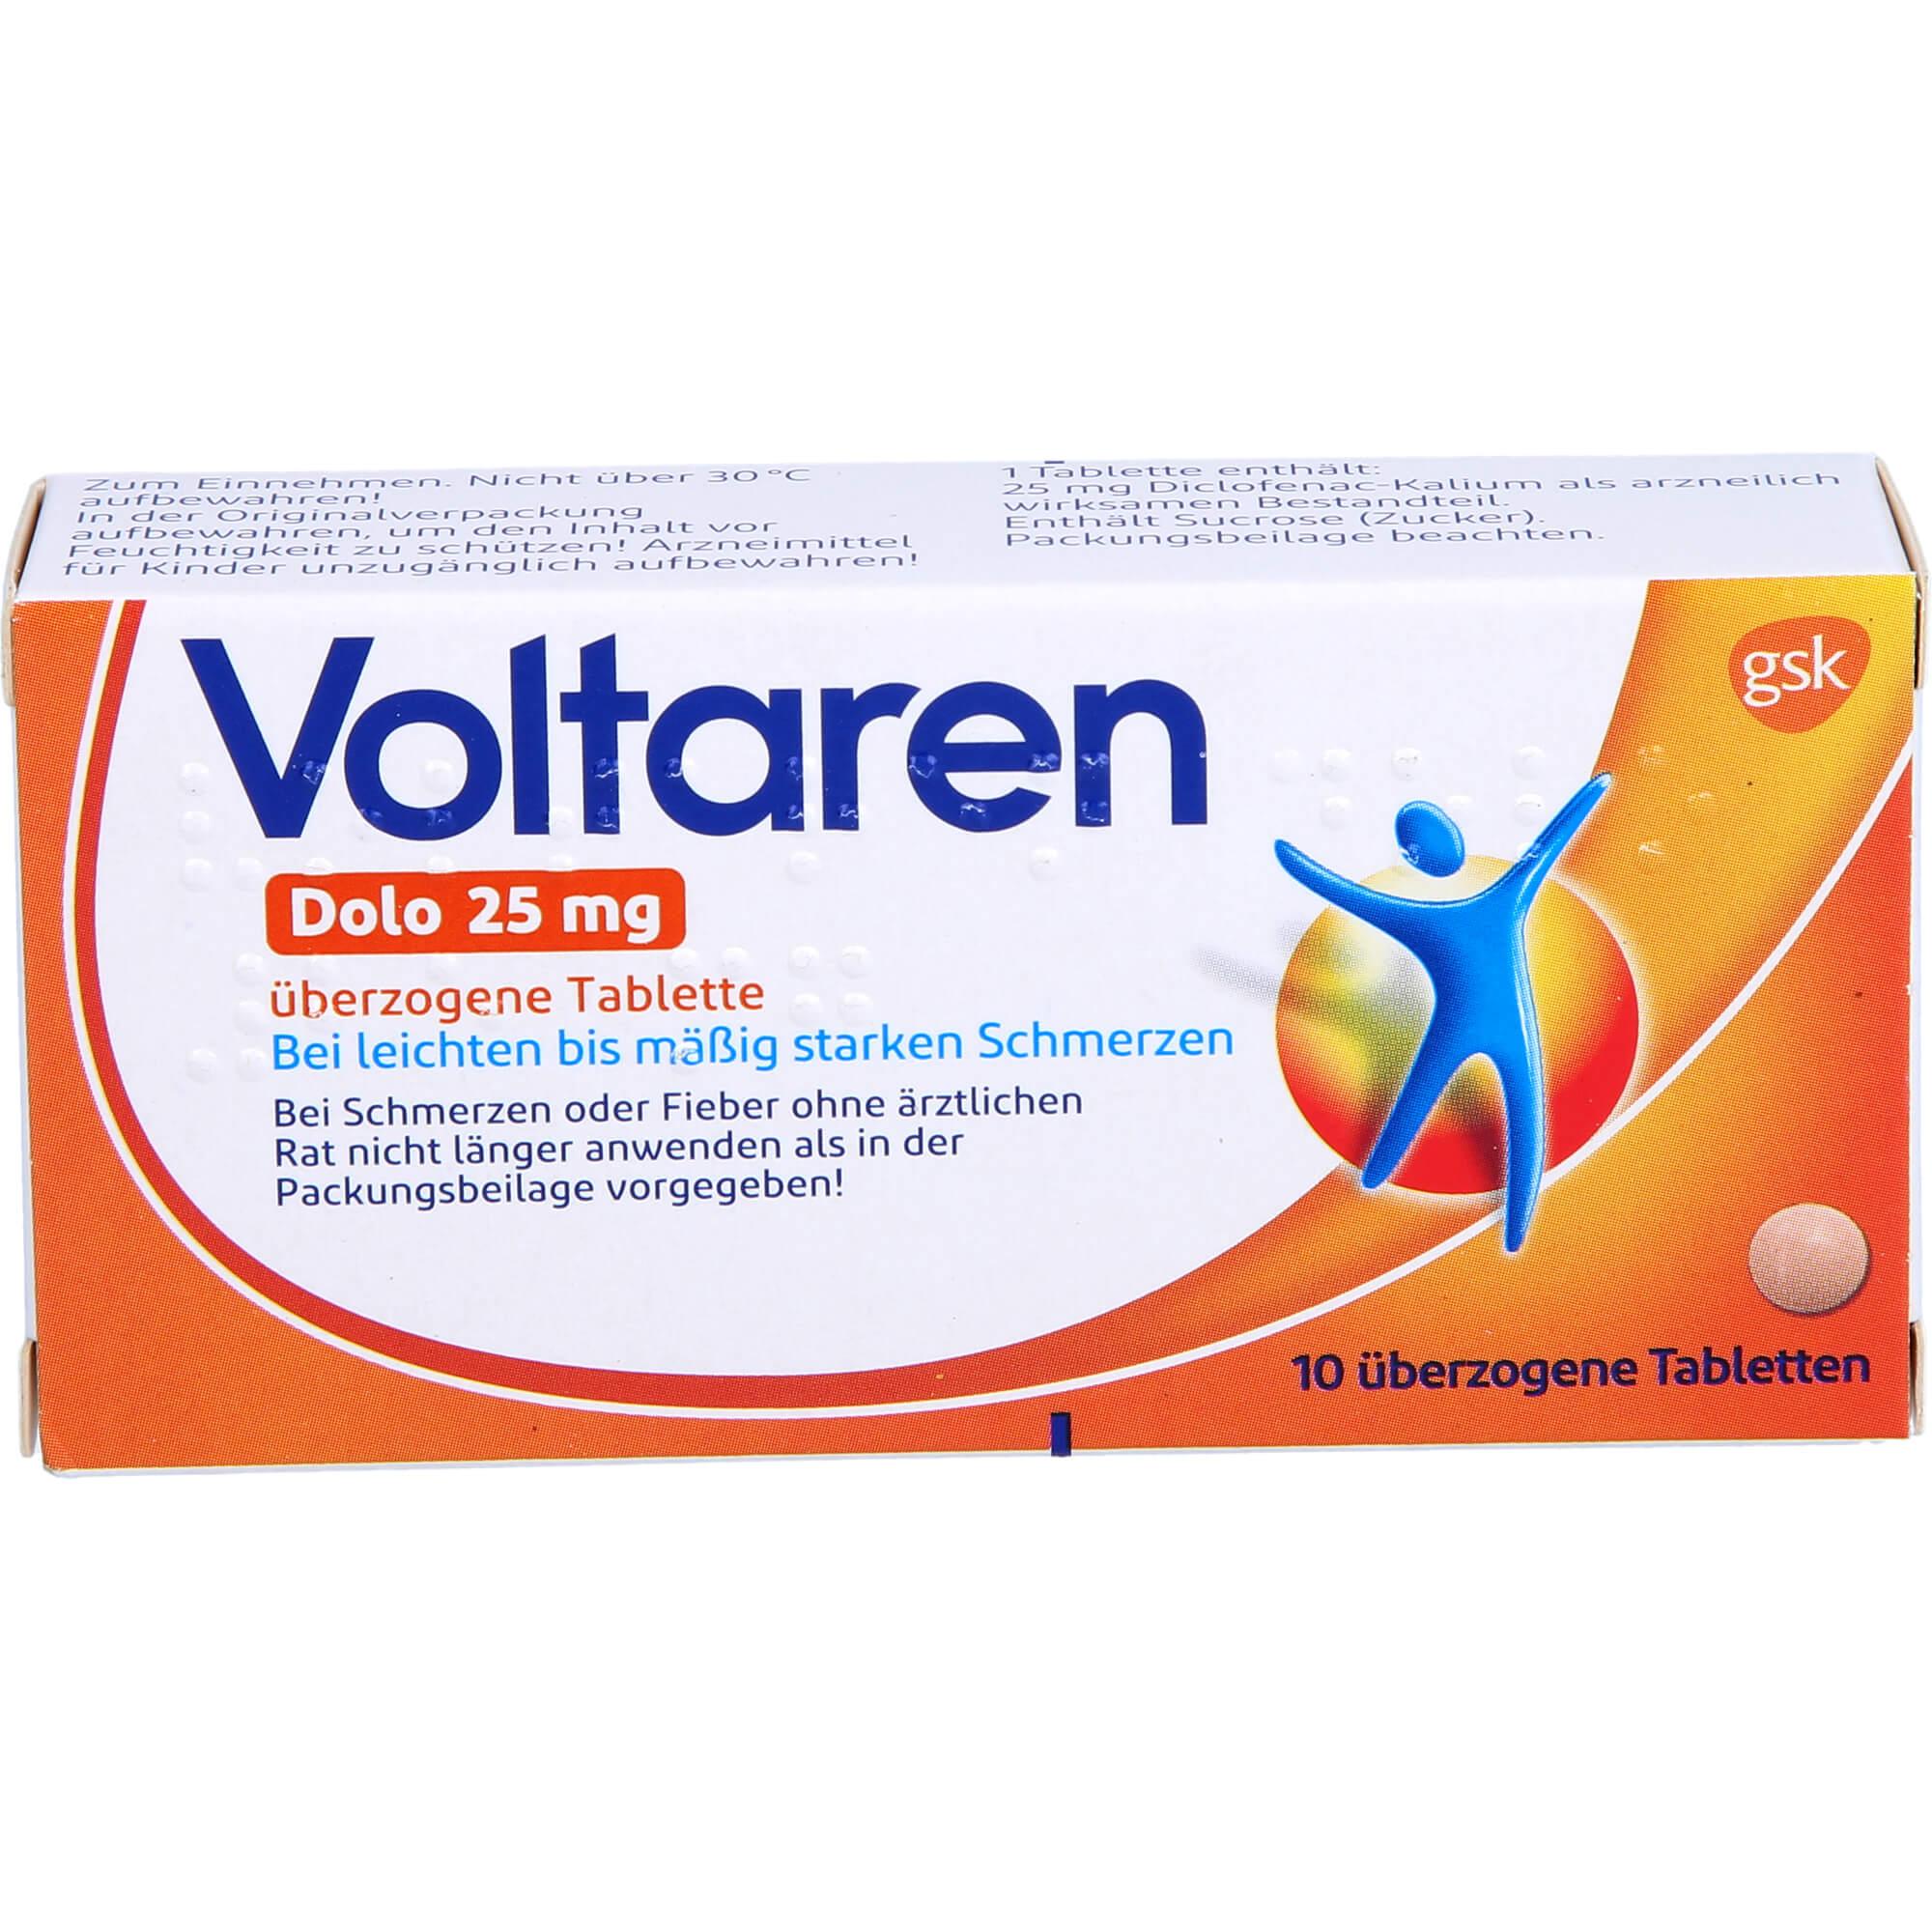 VOLTAREN-Dolo-25-mg-ueberzogene-Tabletten